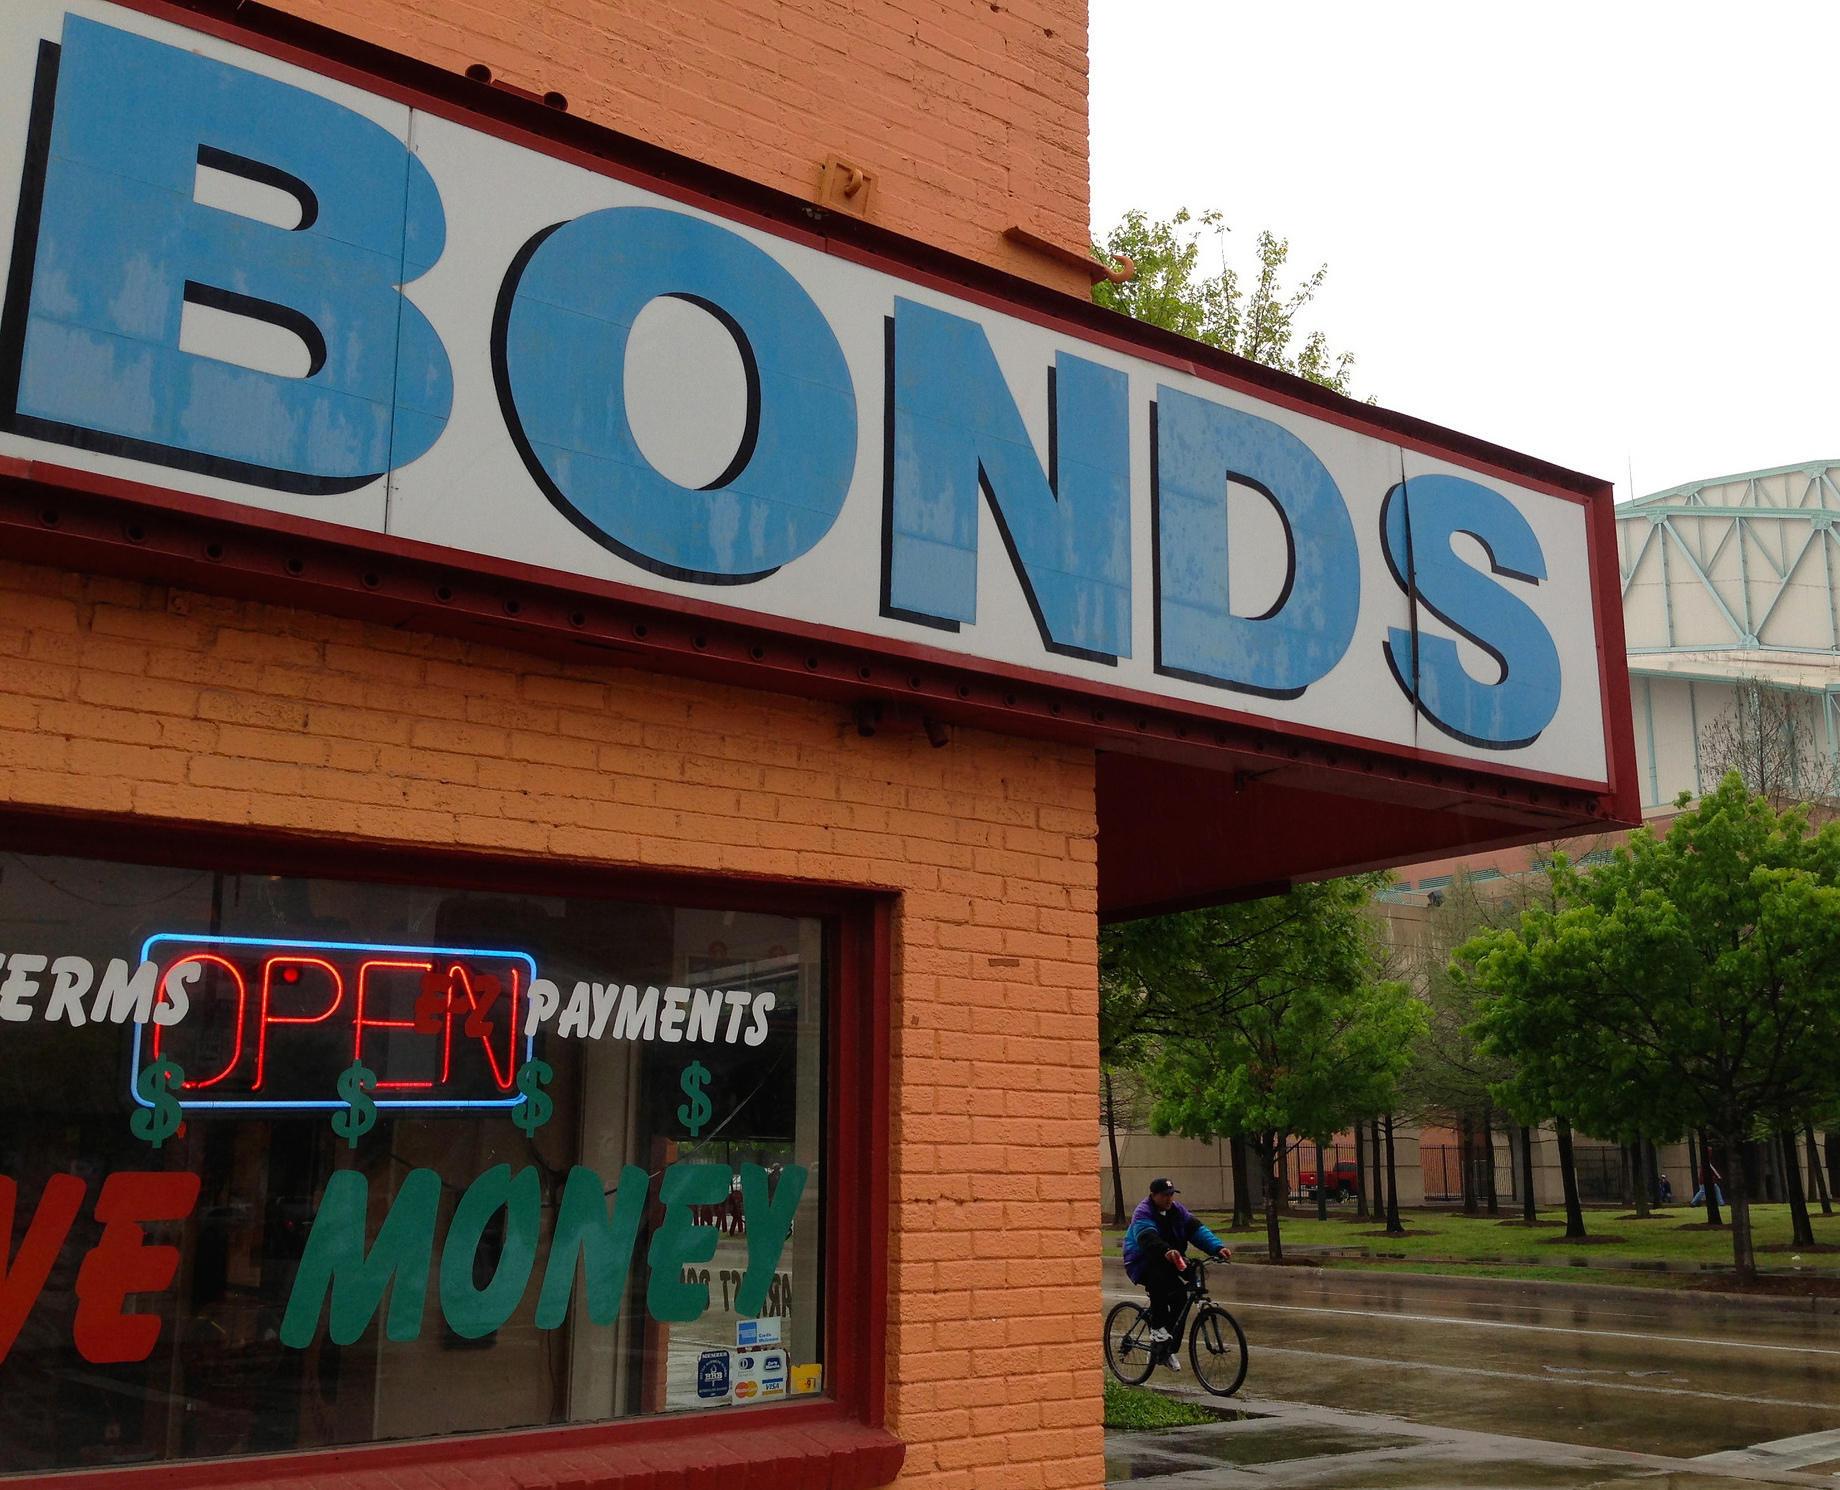 Quick cash loans athens al picture 2